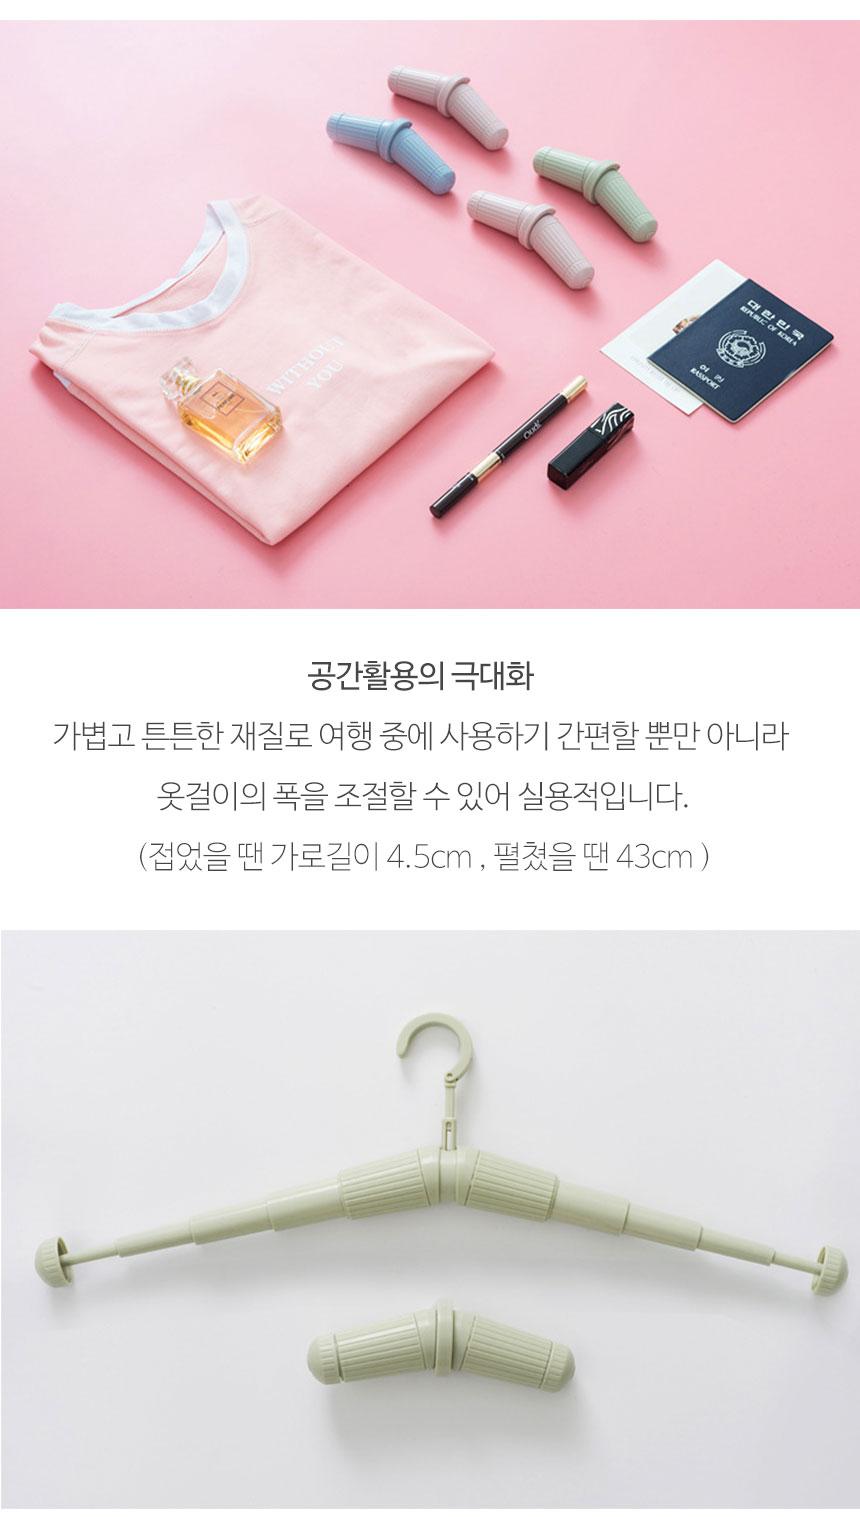 접이식 옷걸이 (여행용 휴대용 캠핑용 작은 행거) - 시나몬샵, 4,000원, 행거/드레스룸/옷걸이, 옷걸이/플라스틱